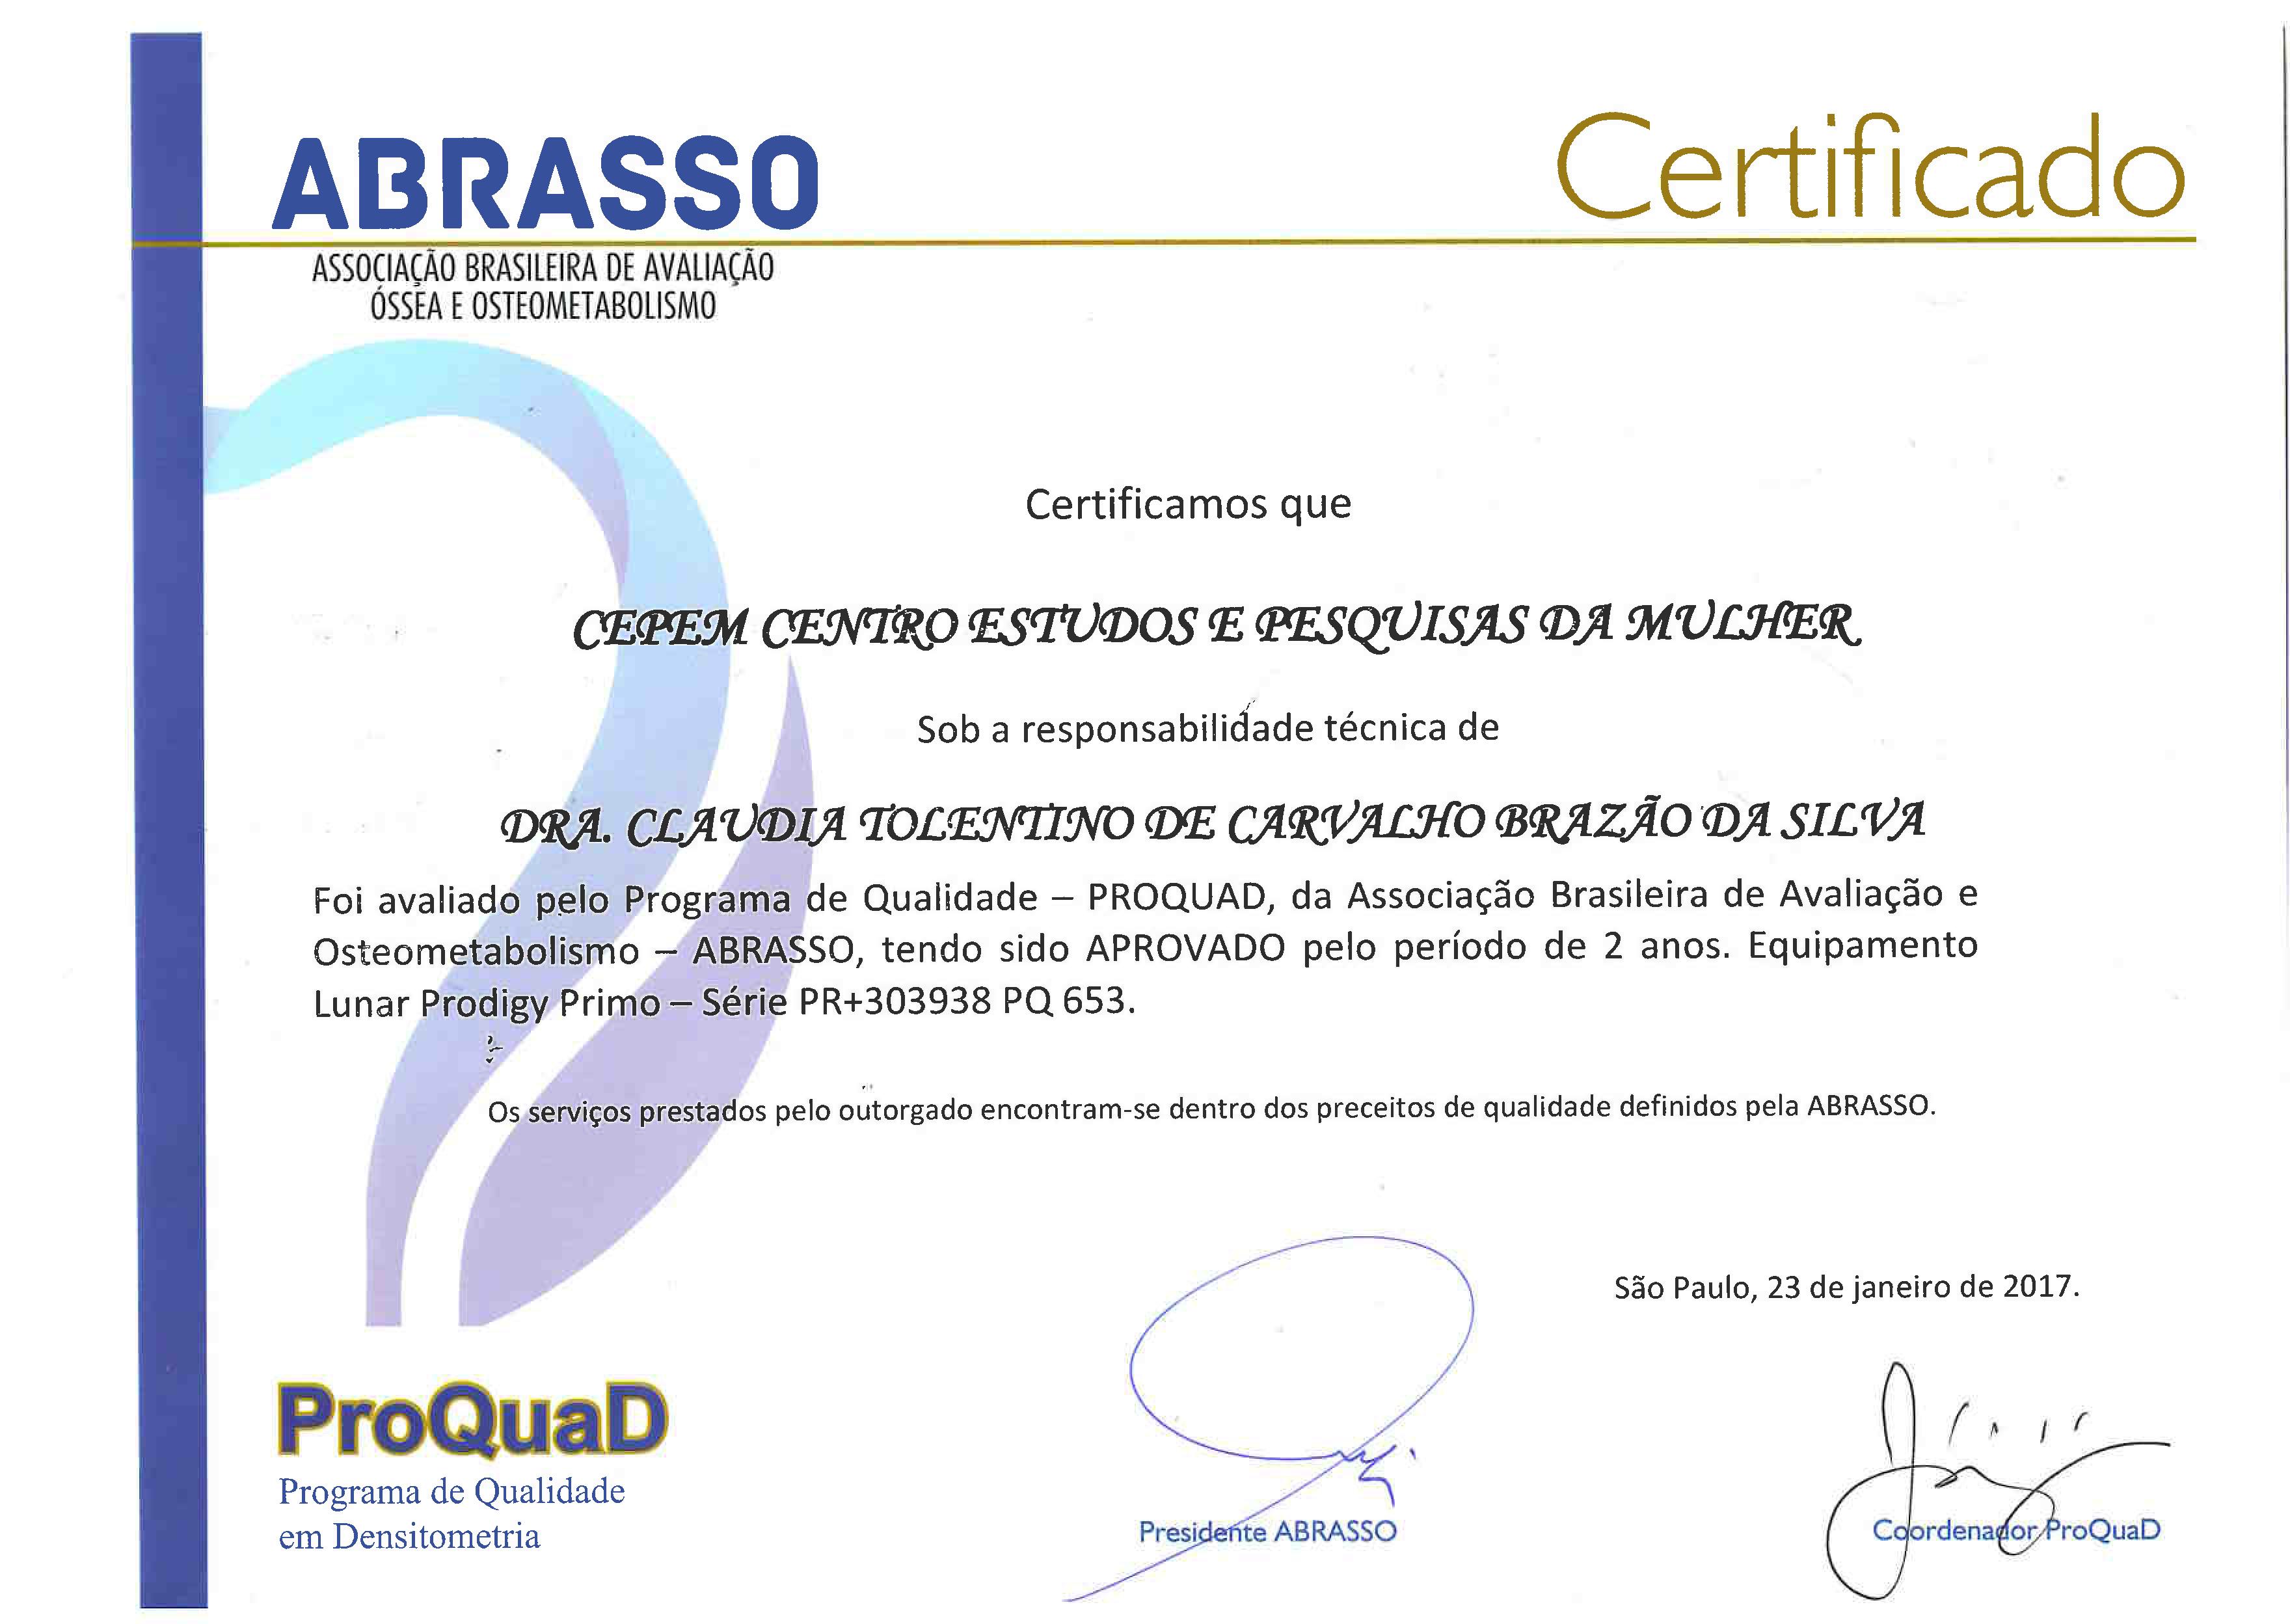 PROQUAD Certificado Lunar Prodigy Primo Validade 23 01 2019 (Barra)